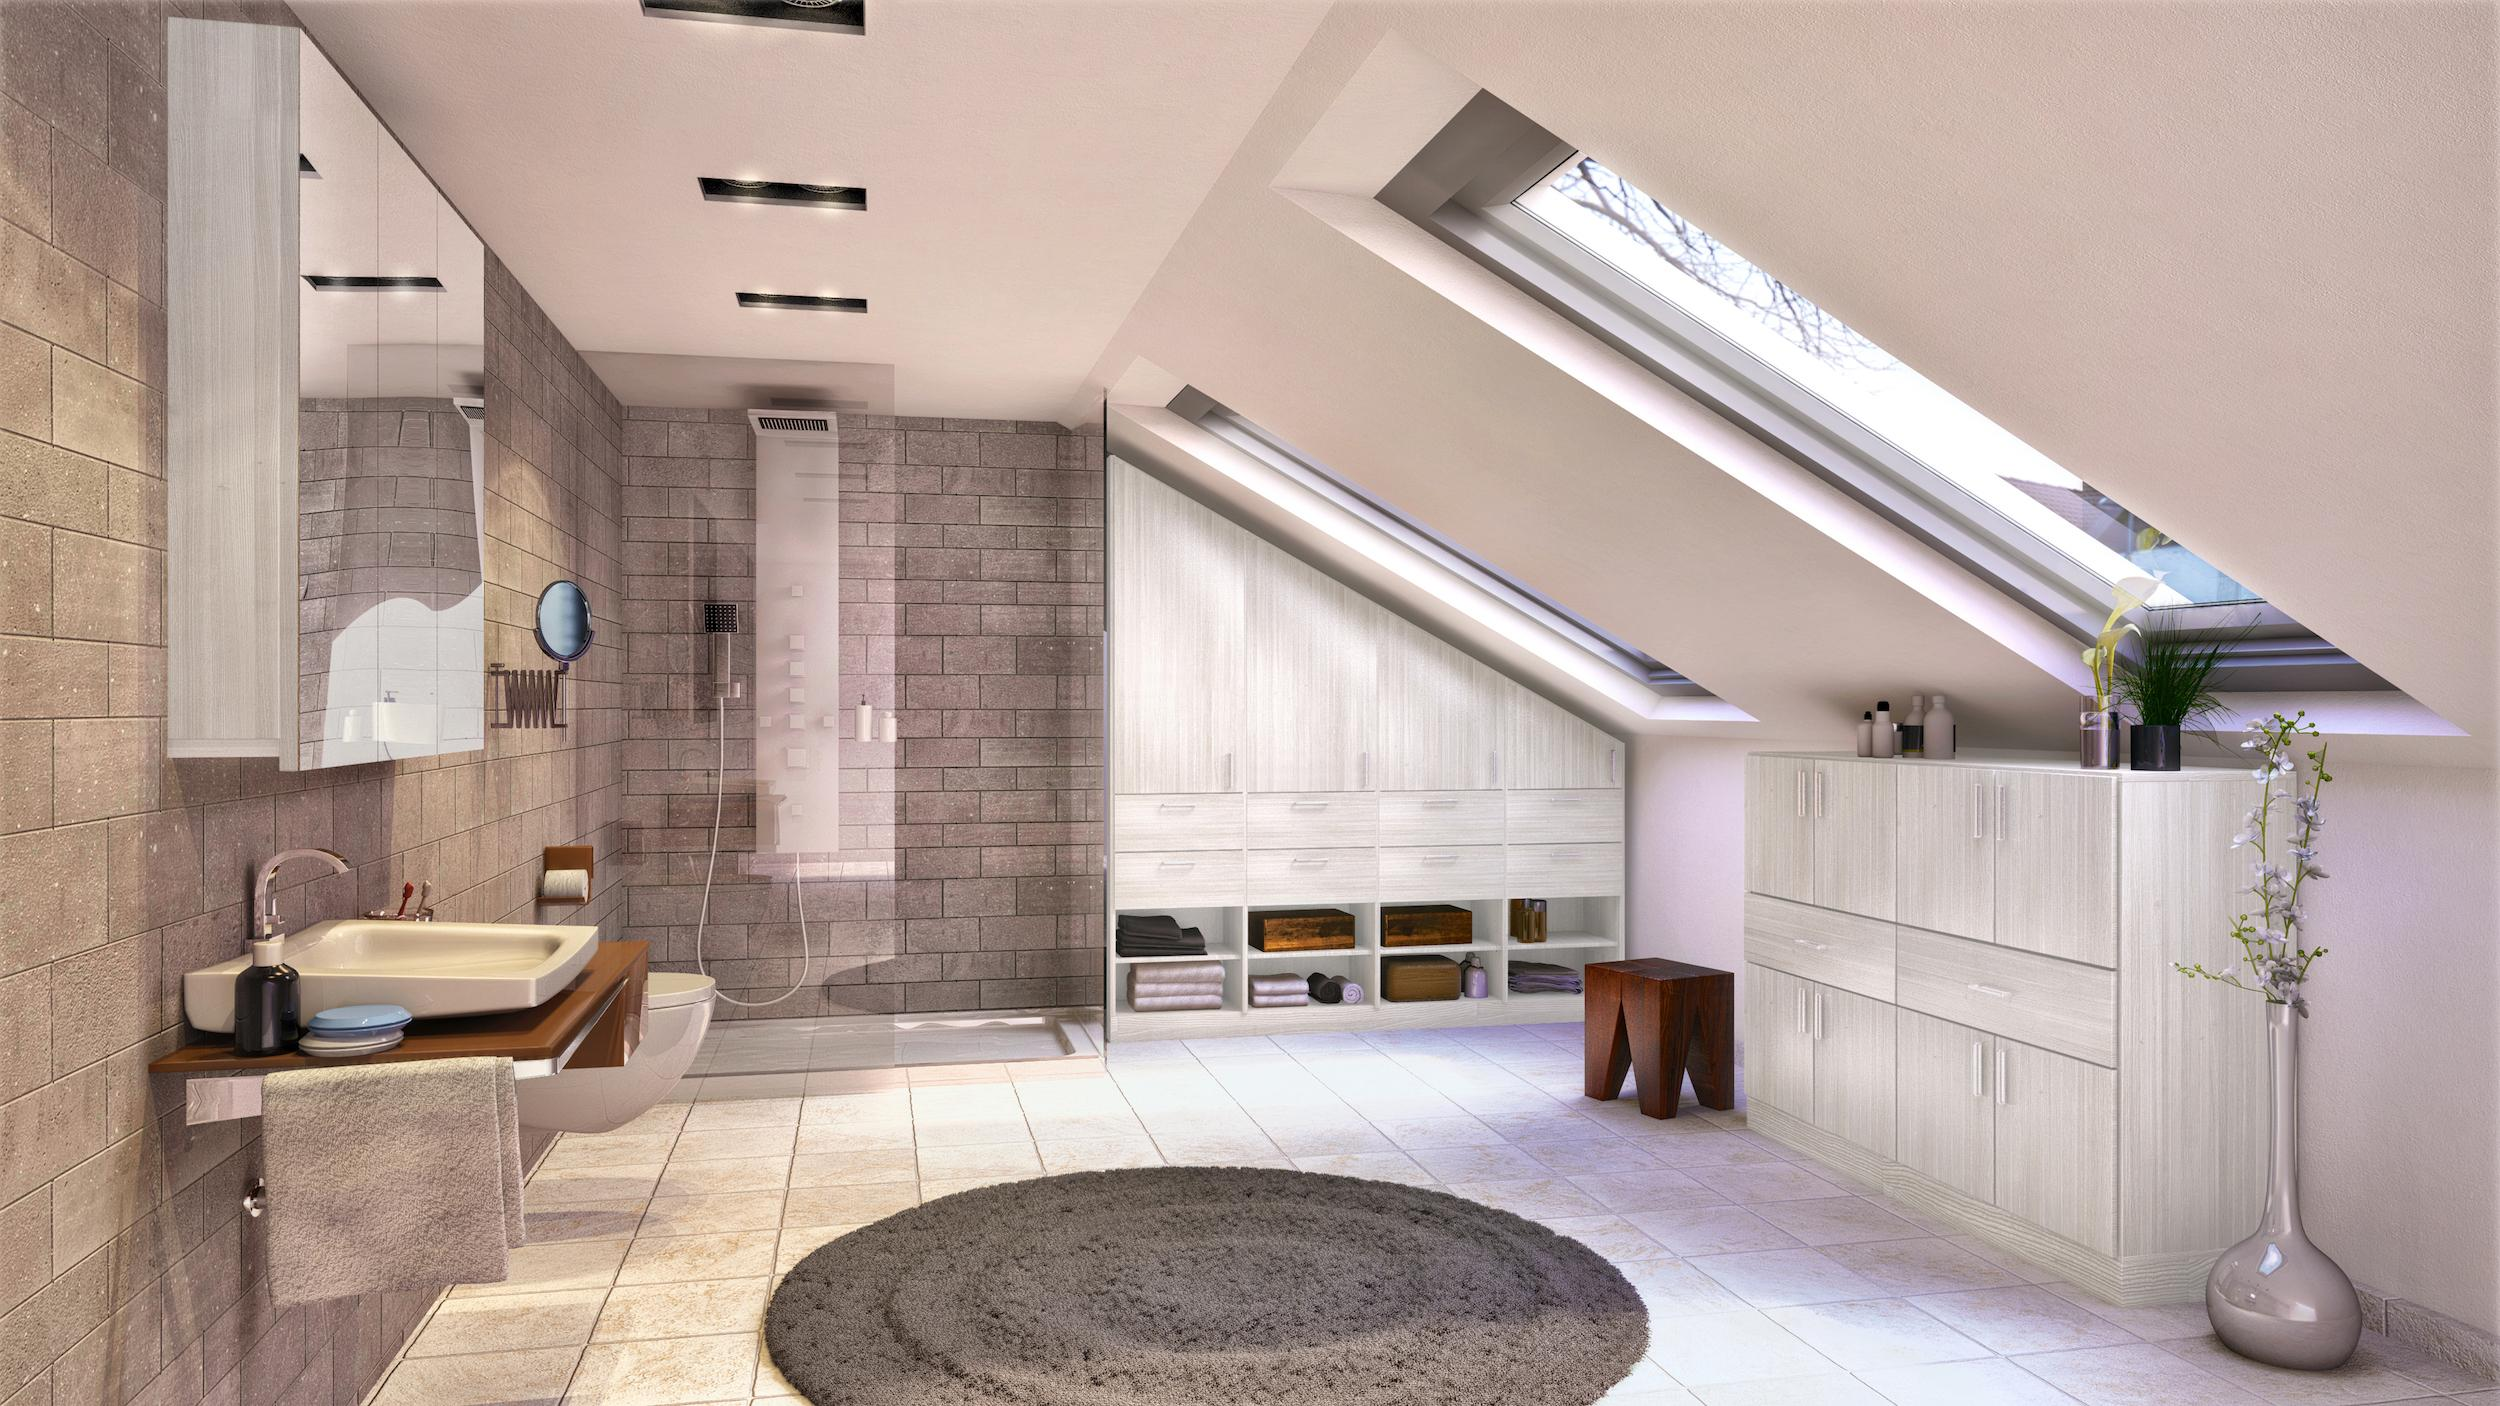 Dachschr ge bilder ideen couchstyle for Badezimmer fotos